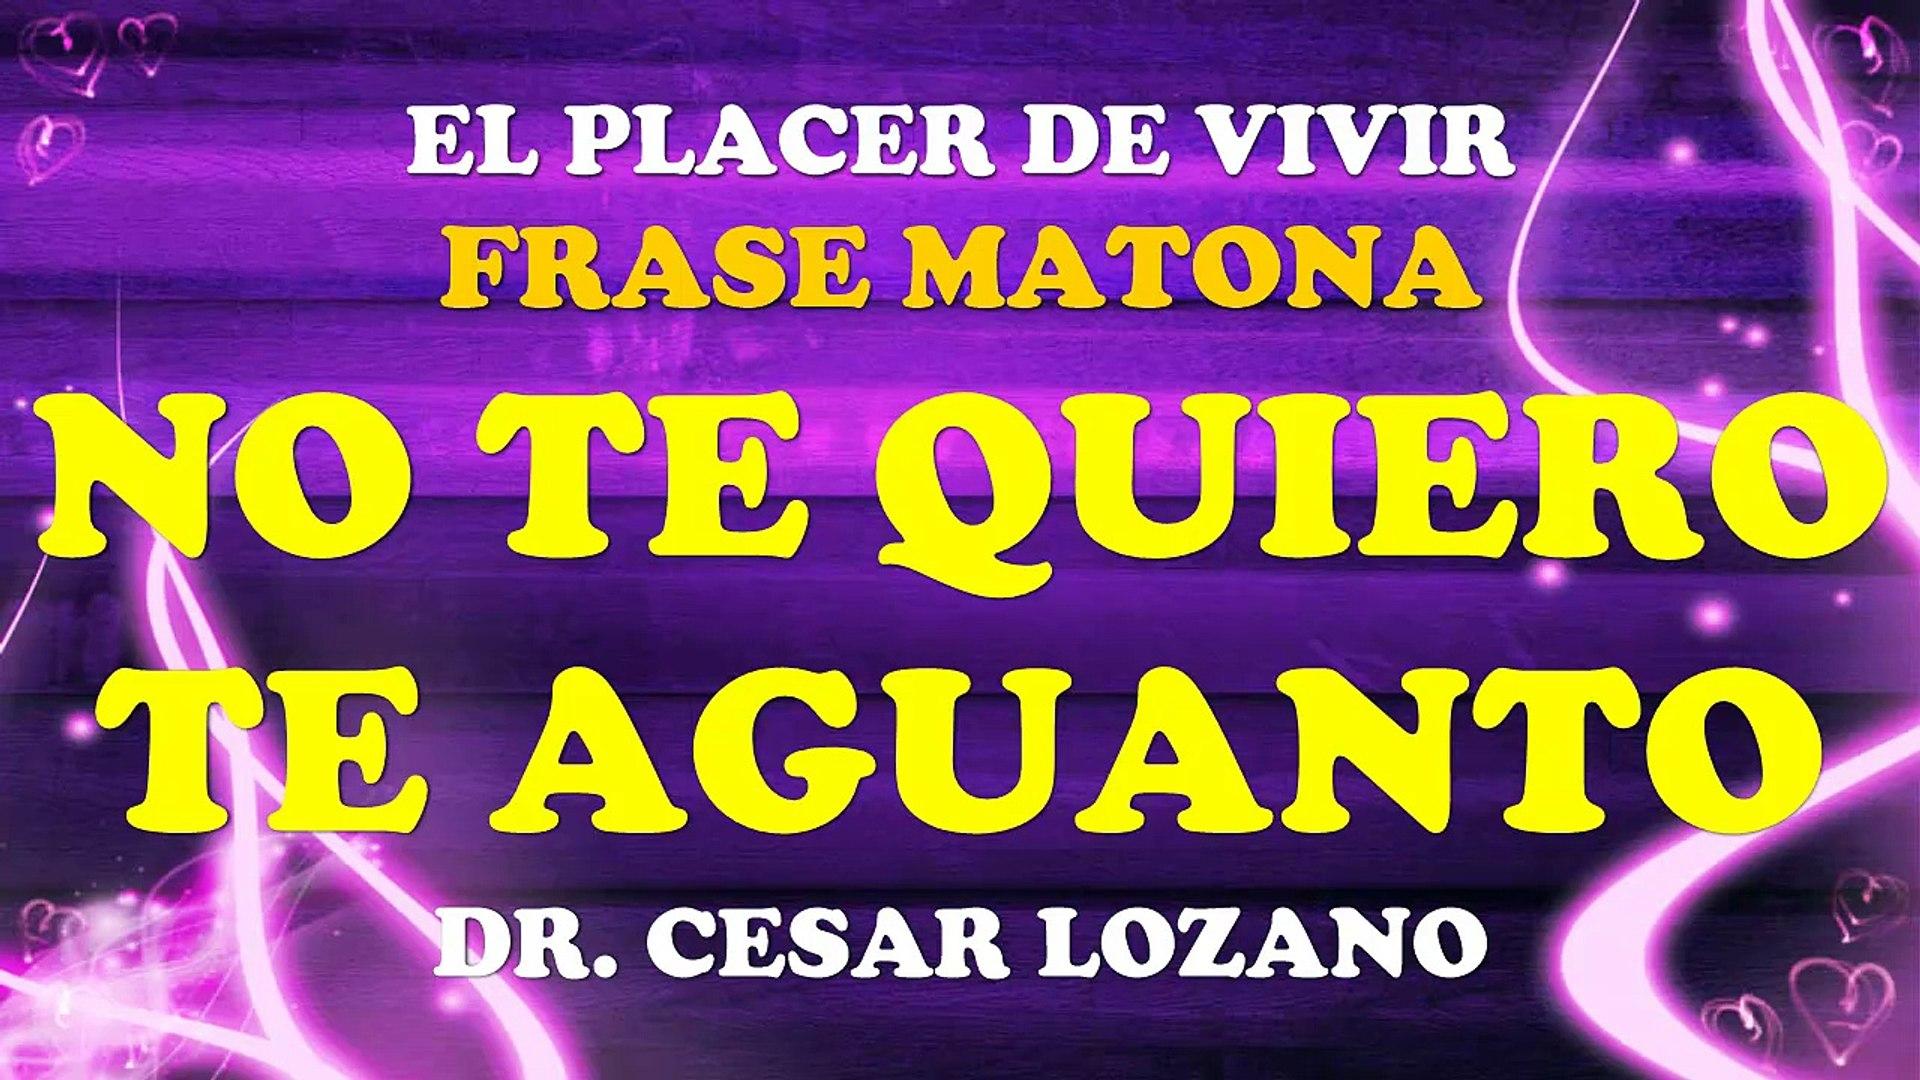 No Te Quiero Te Aguanto Cesar Lozano Por El Placer De